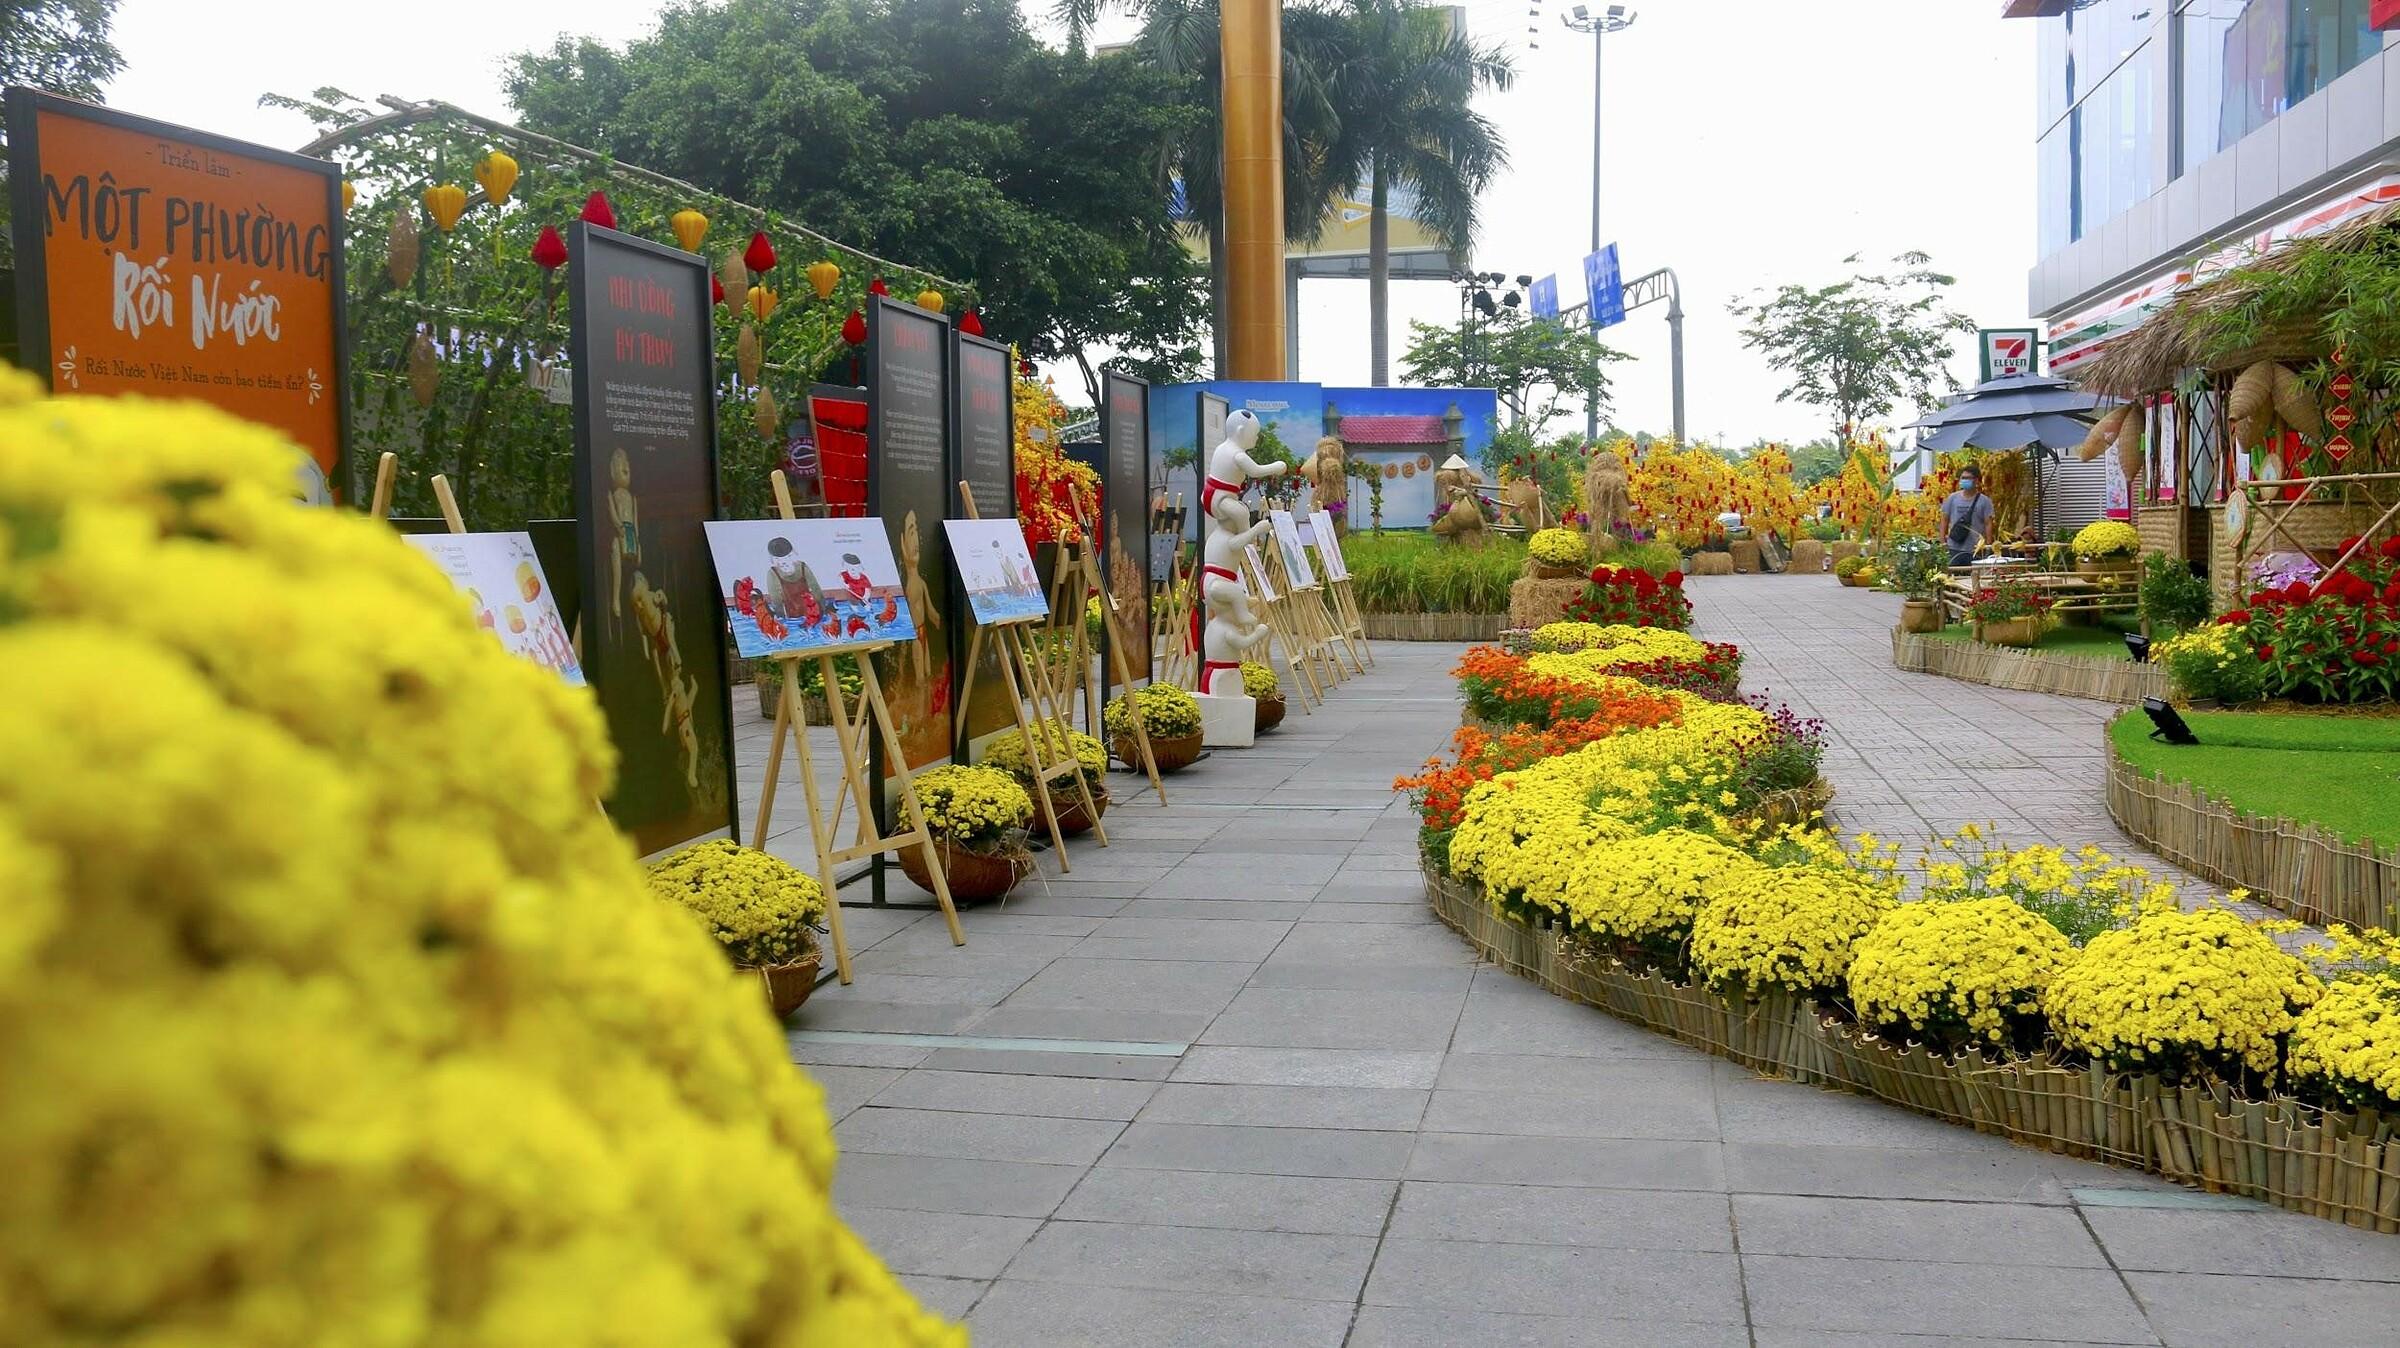 Đường hoa Amazing Tết tại Menas Mall Saigon Airport vừa khai trương hồi cuối tháng 1 và sẽ mở cửa miễn phí tới ngày mùng 6 Tết Tân Sửu. Tại đây, trung tâm thương mại nằm ngay cửa ngỏ sân bay đã tái hiện bức tranh xuân quê ba miền qua nhiều tiểu cảnh thân thuộc.